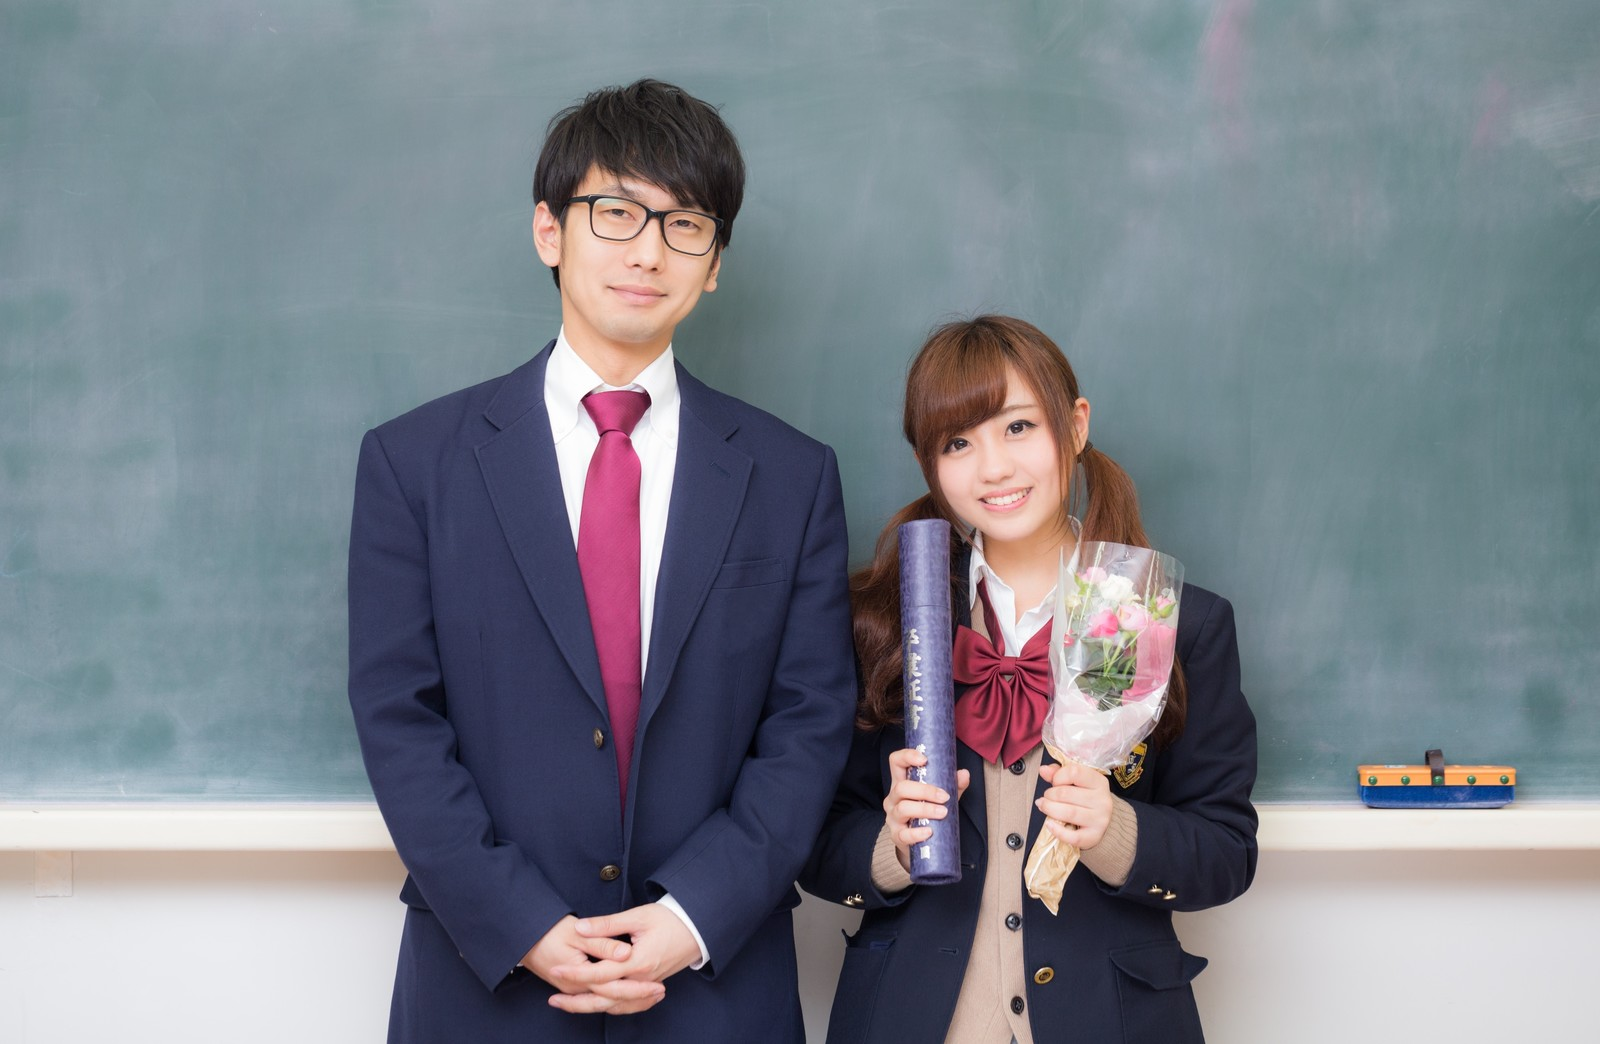 高校生のカップル